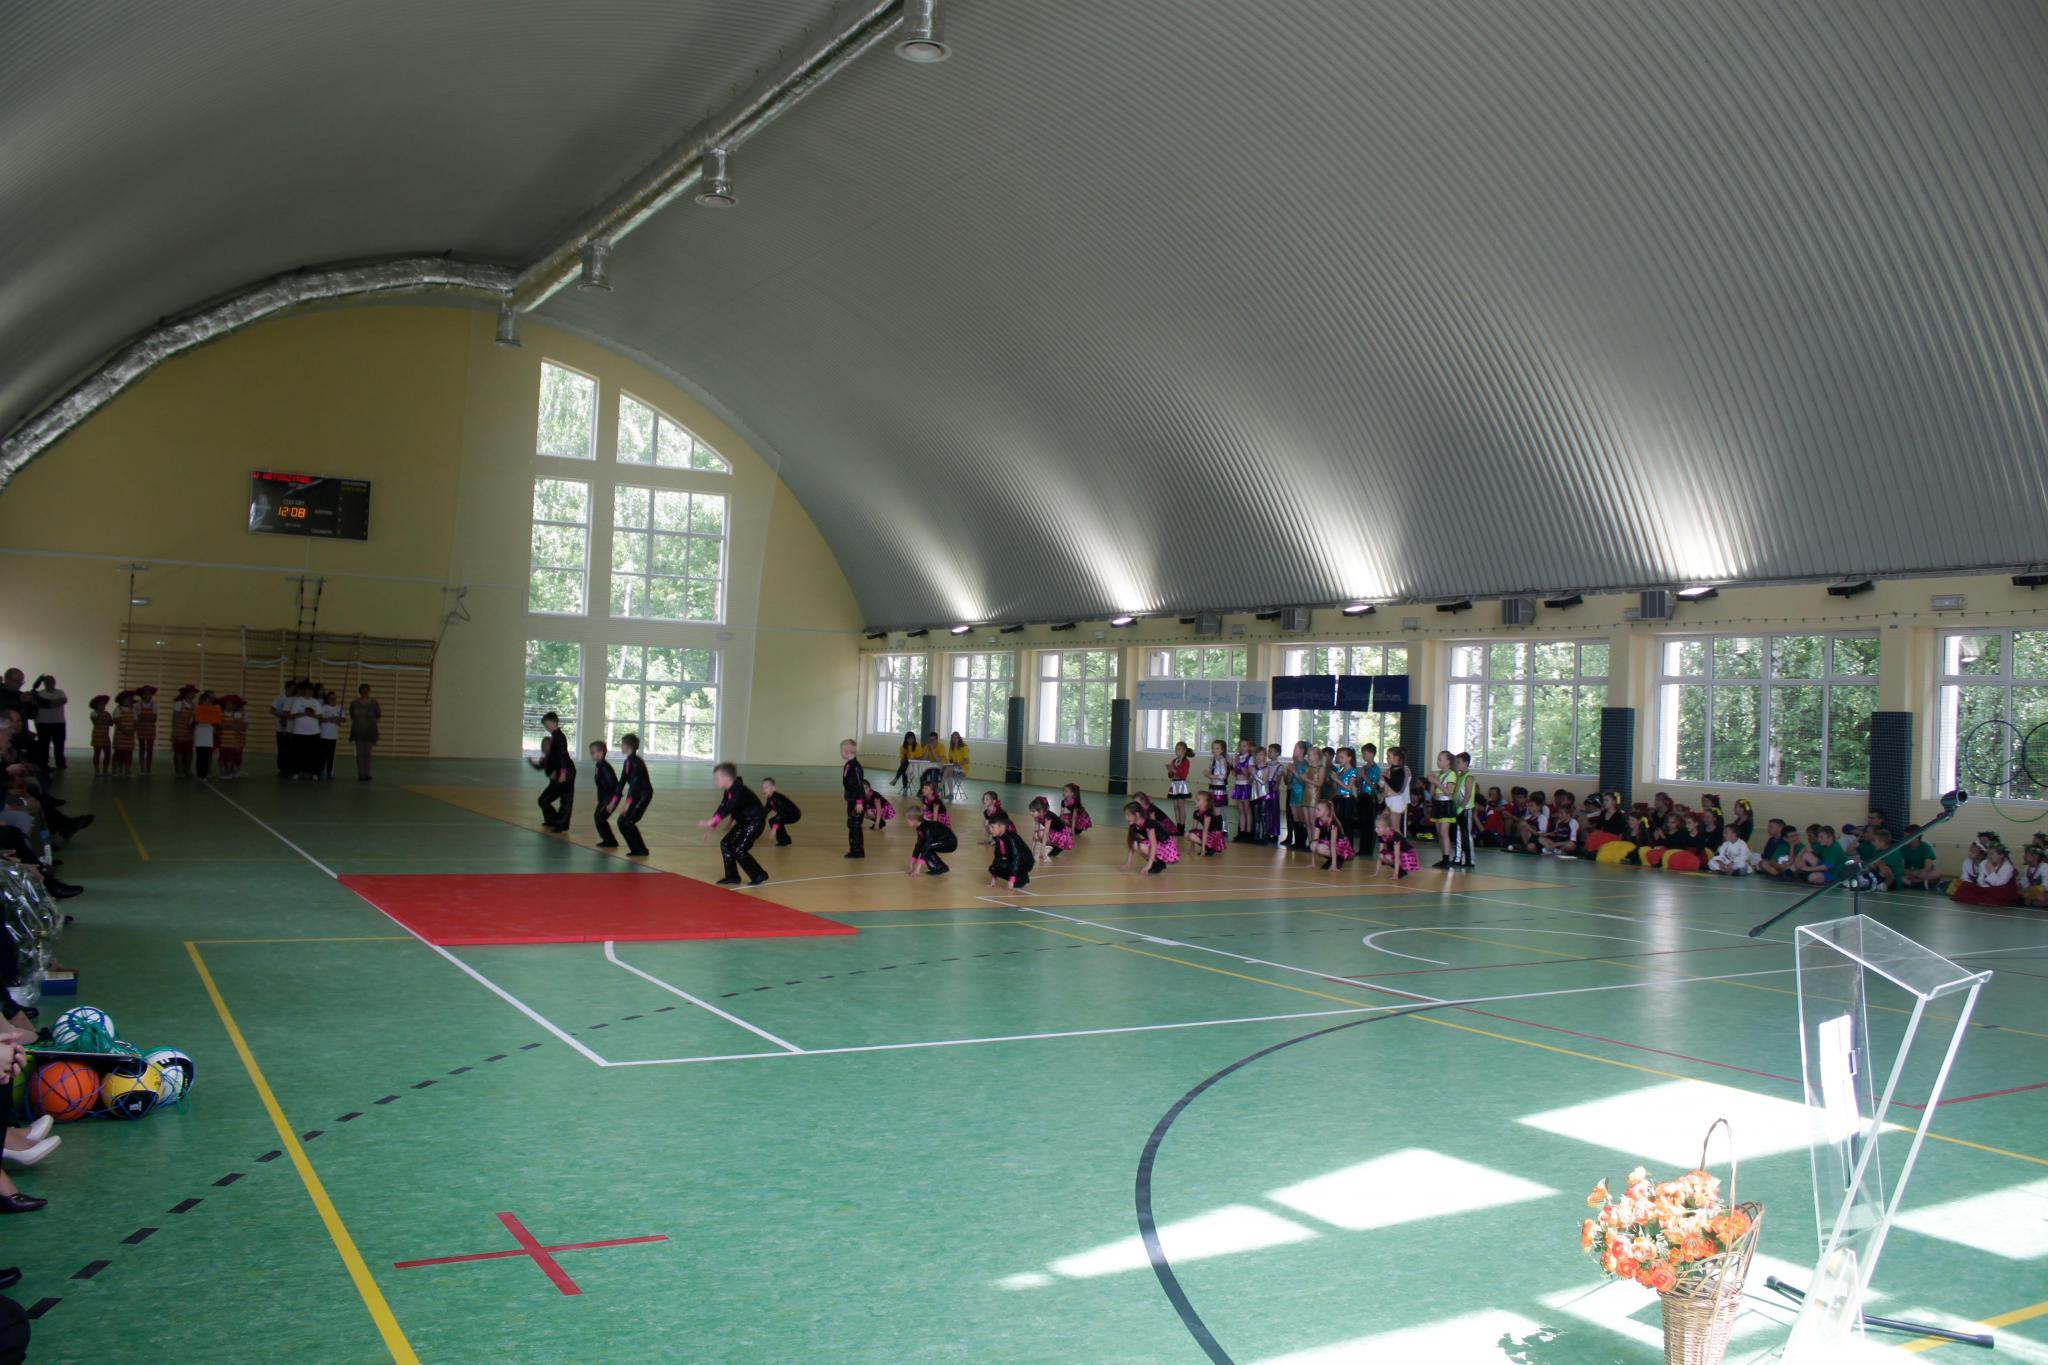 Montaż Nagłośnienia w hali sportowej sali gimnastycznej lubuskie dolnośląskie wielkopolskie poznań warszawa wrocław zielona góra małopolskie kraków